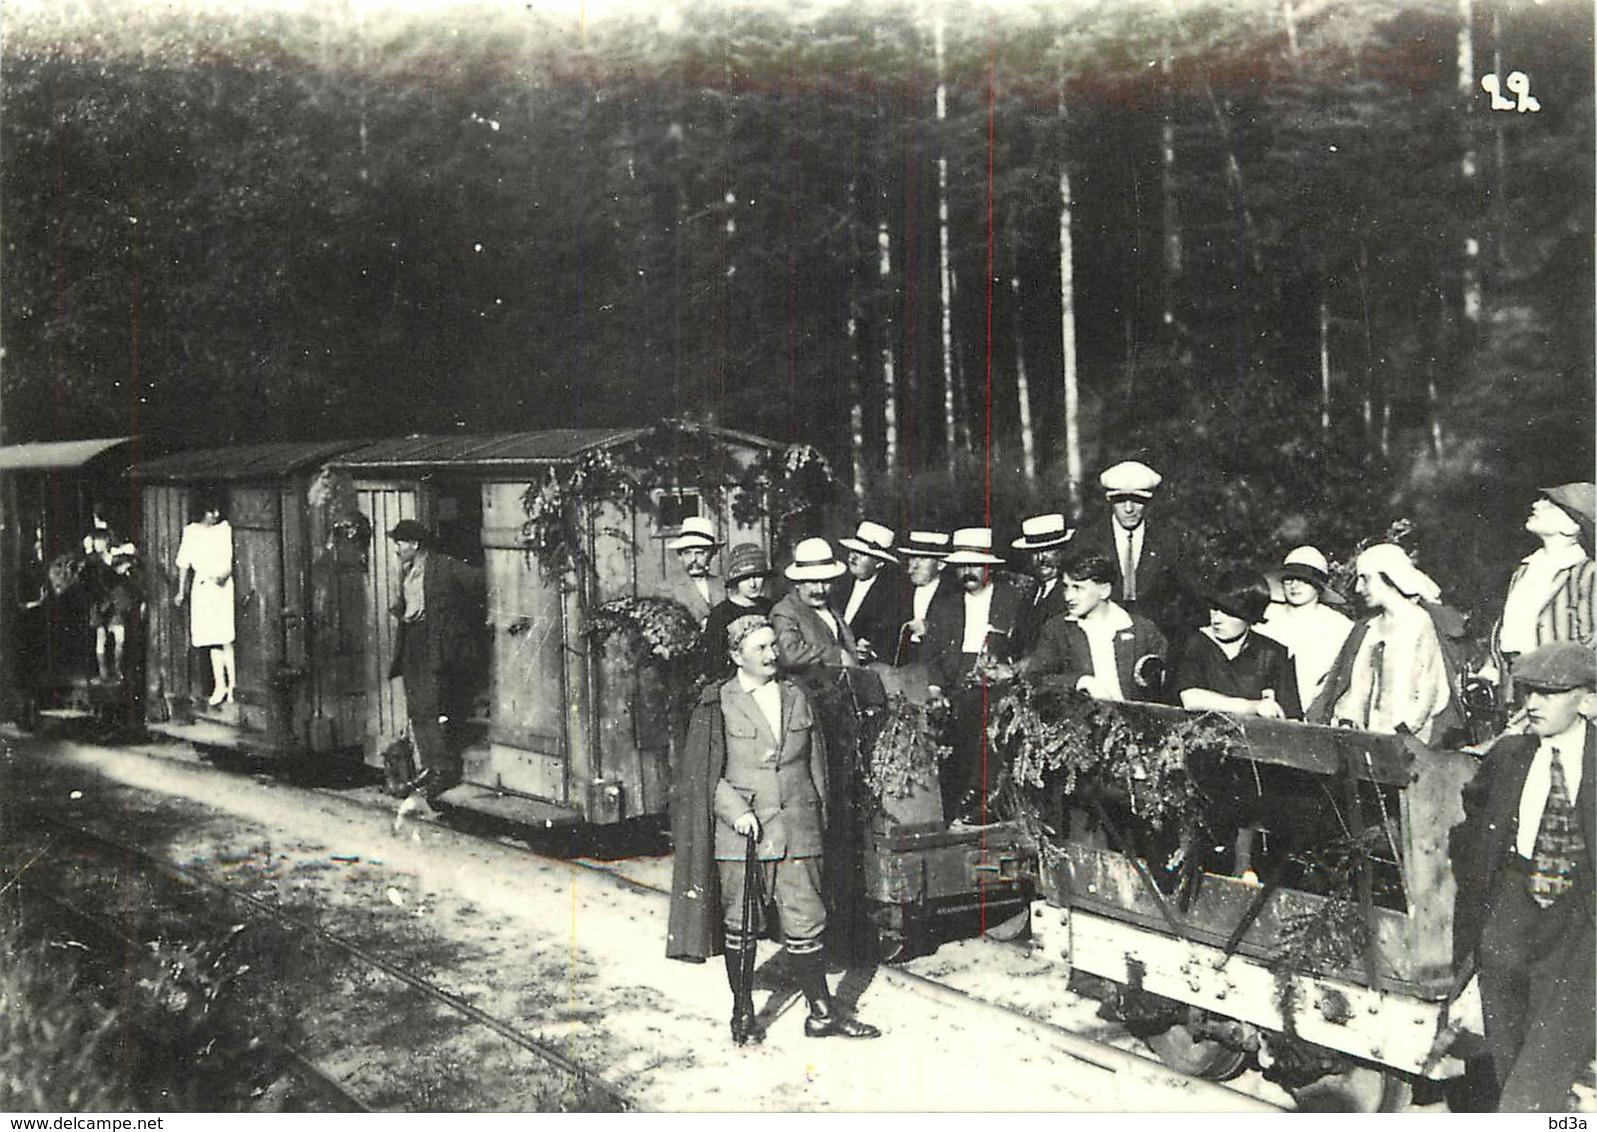 57 - CHEMIN DE FER D'ABRESCHVILLER VERS 1930 - REPRODUCTION - Other Municipalities